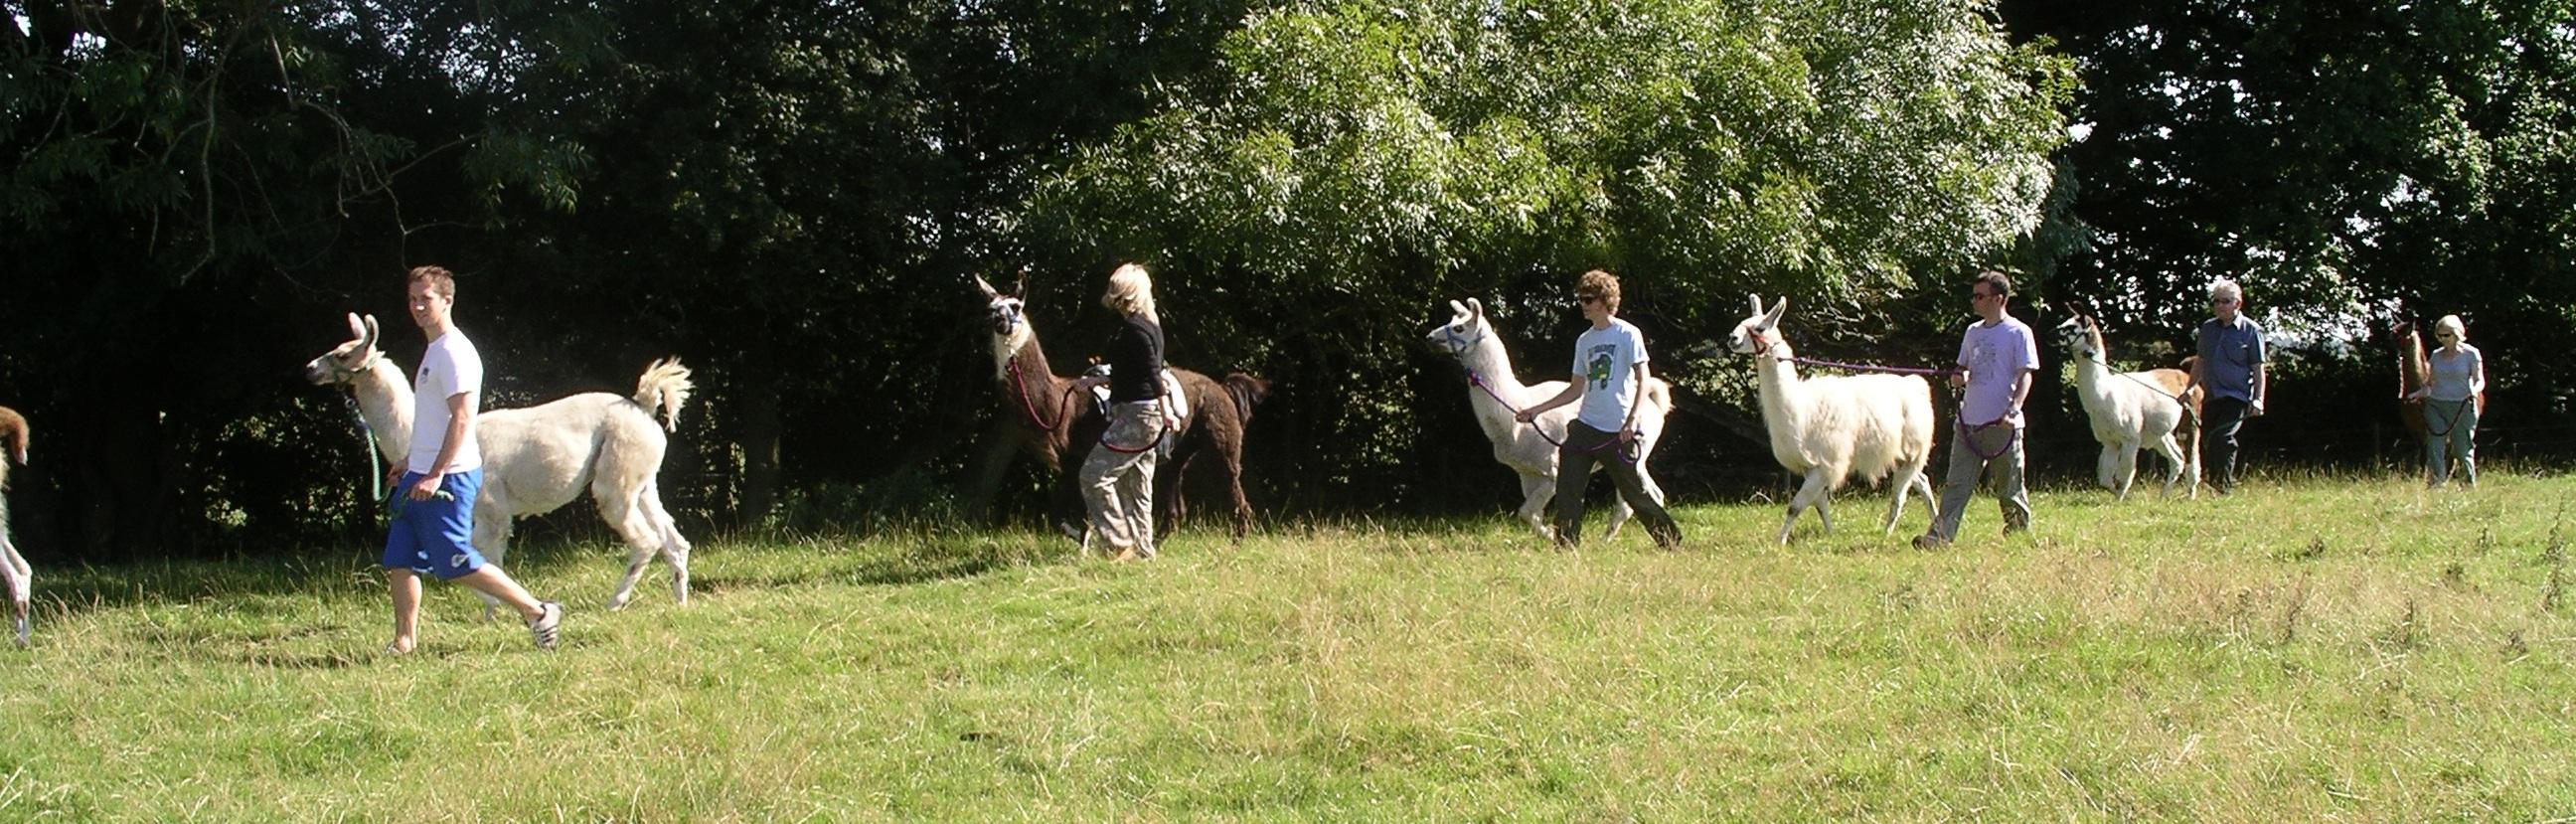 Llamas Trekking